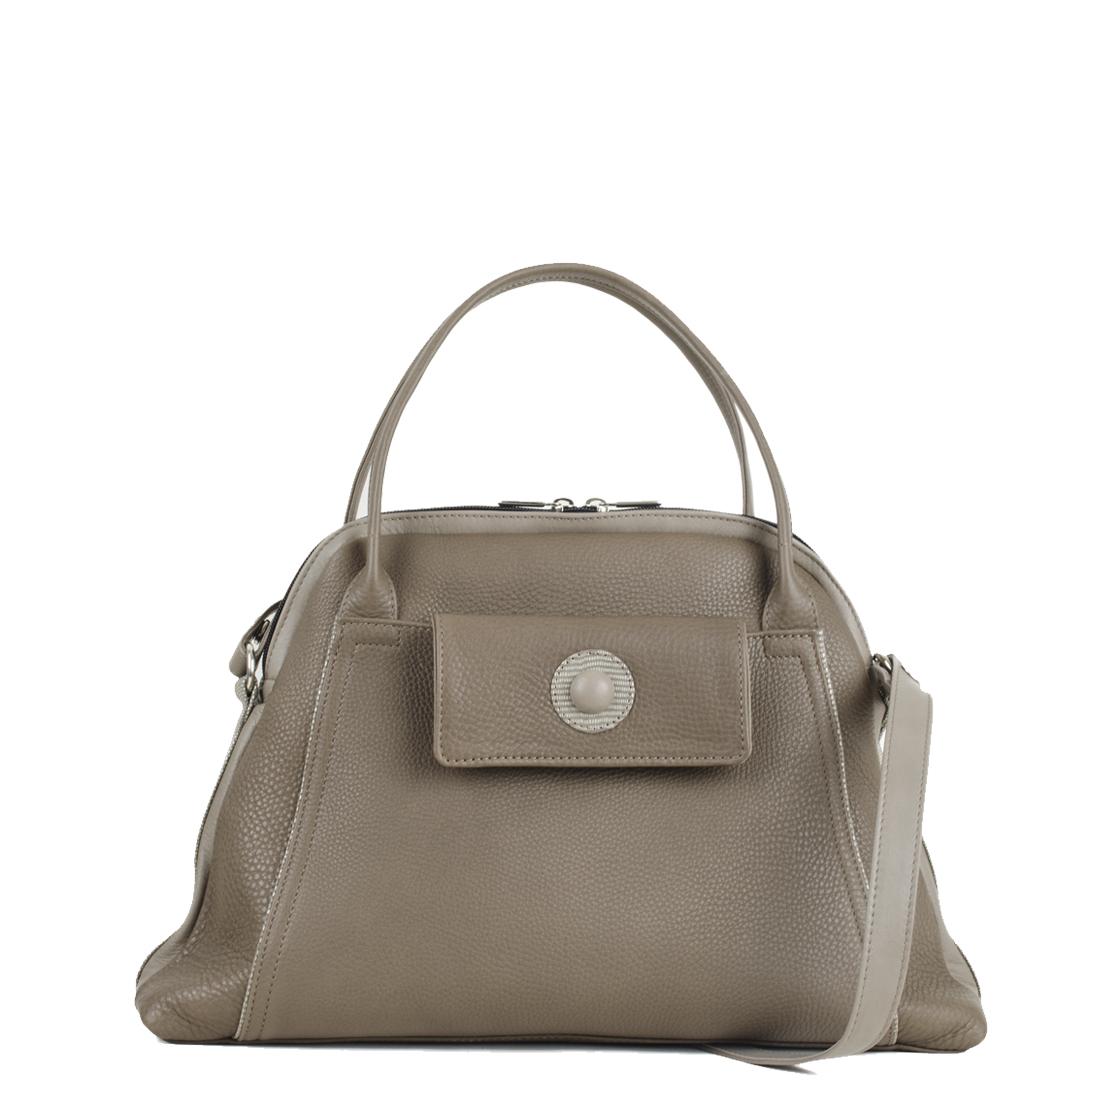 Lottie Taupe Leather Shoulder Bag